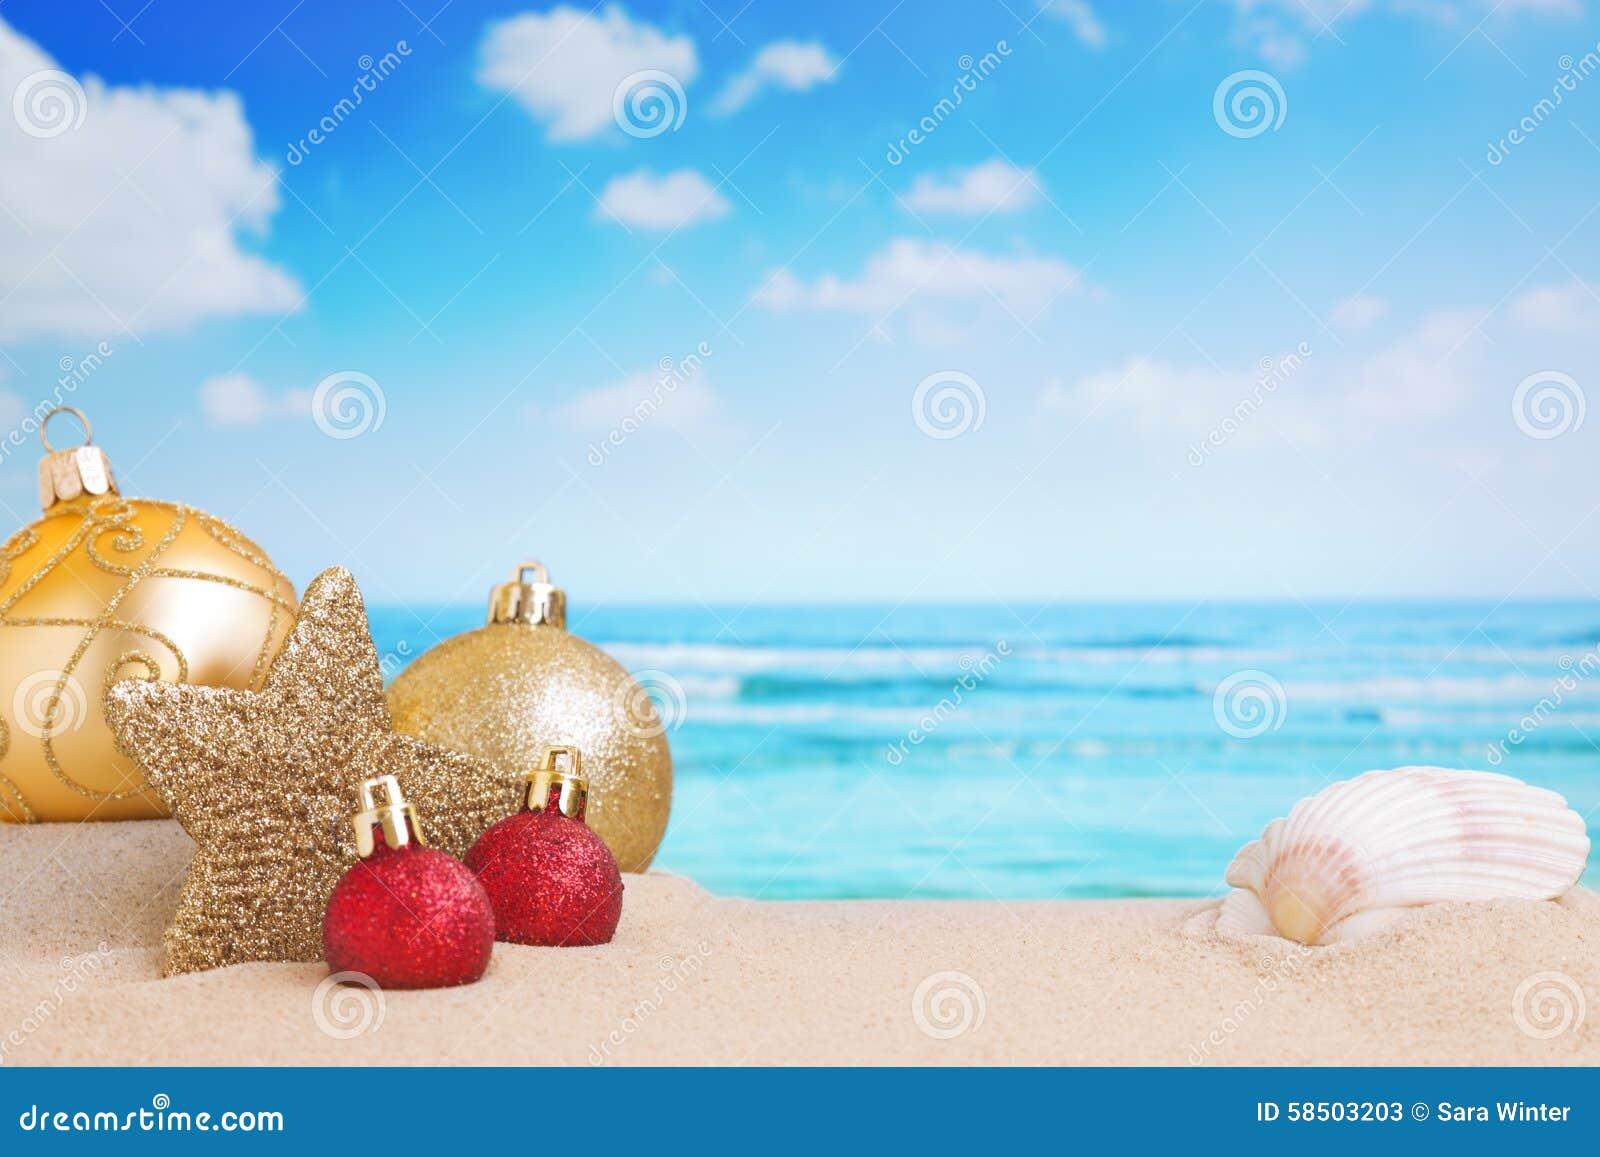 De decoratie van kerstmis op het strand stock afbeelding afbeelding 58503203 - Foto van decoratie ...